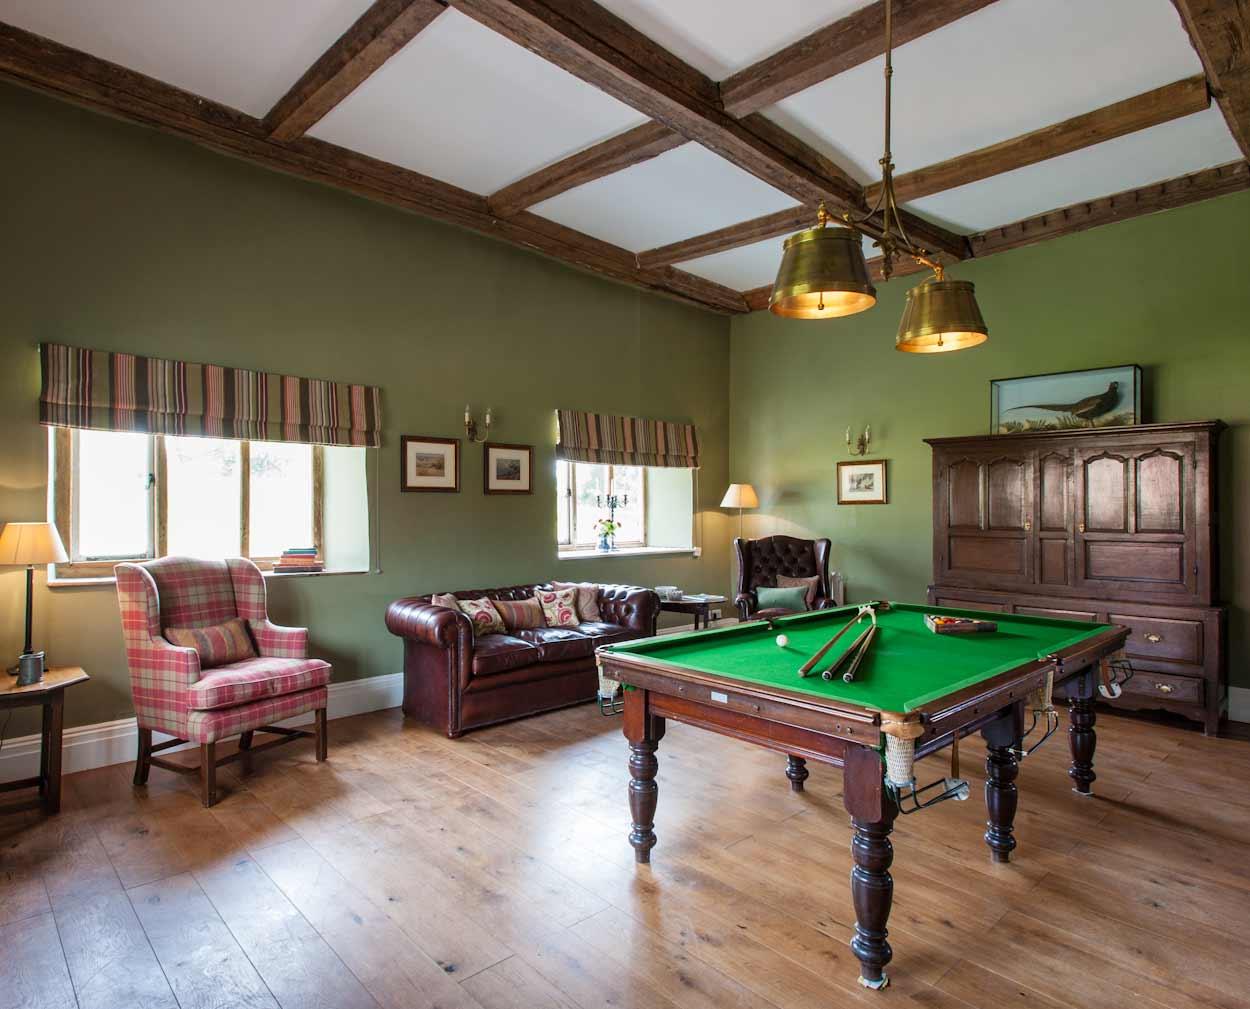 Bruisyard-Hall-Snooker-Room.jpg